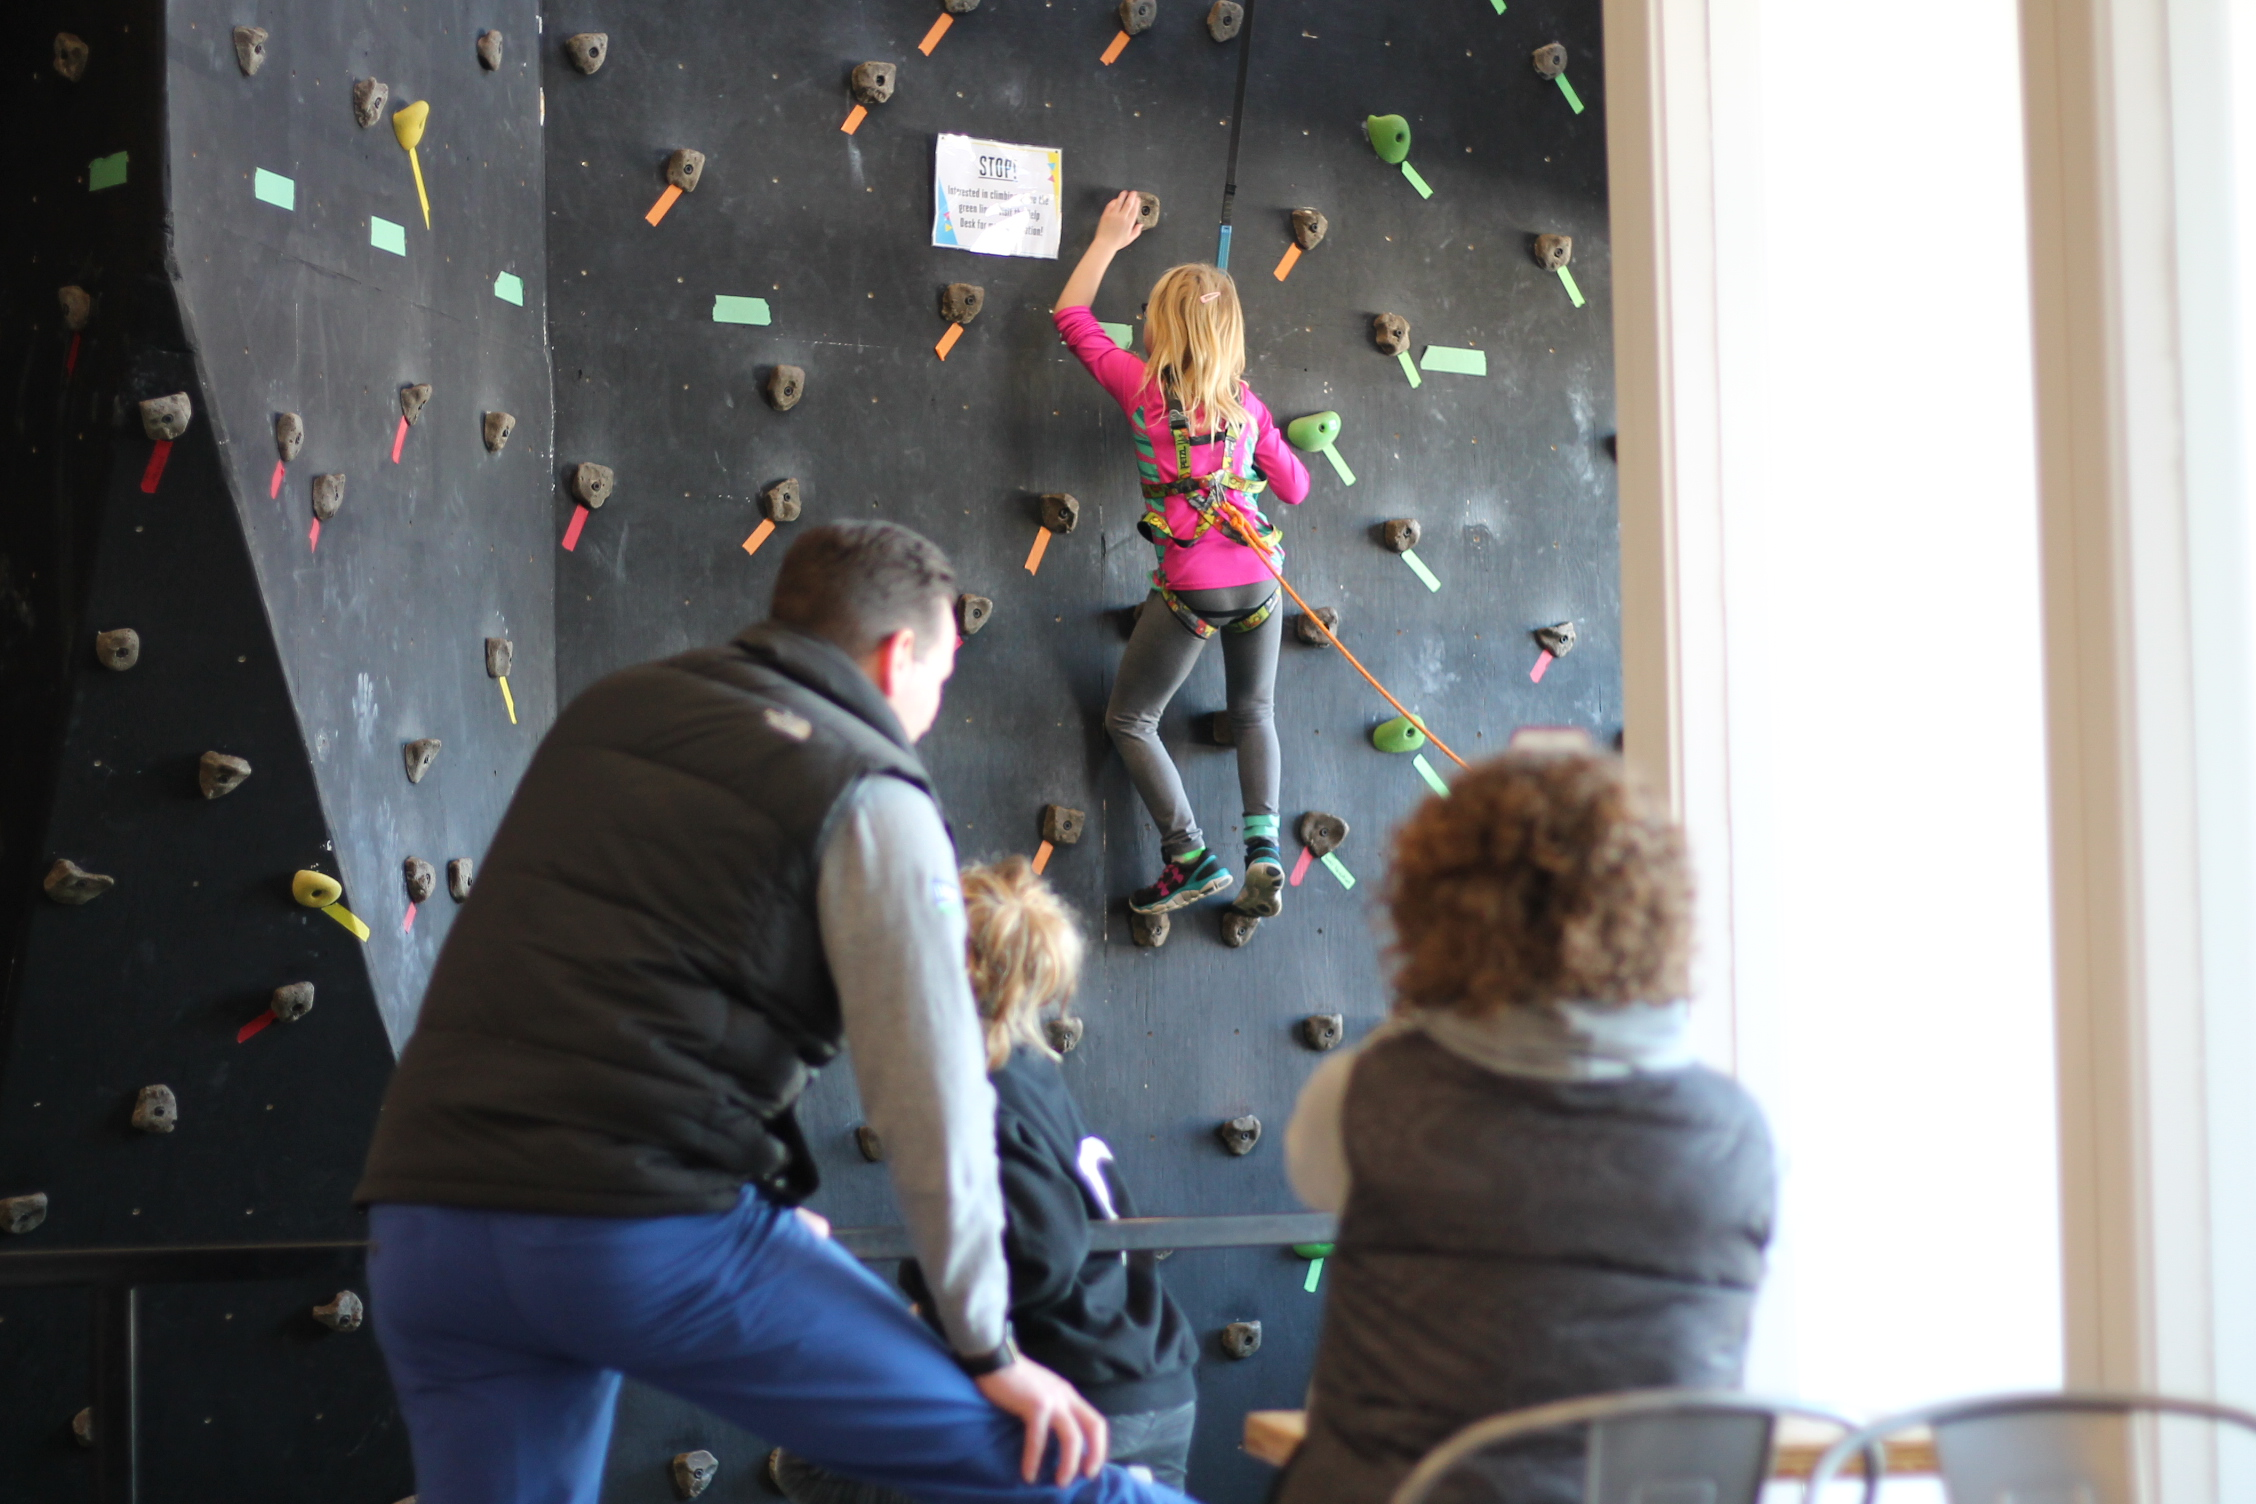 Climbing Lab - family watching girl climb.JPG